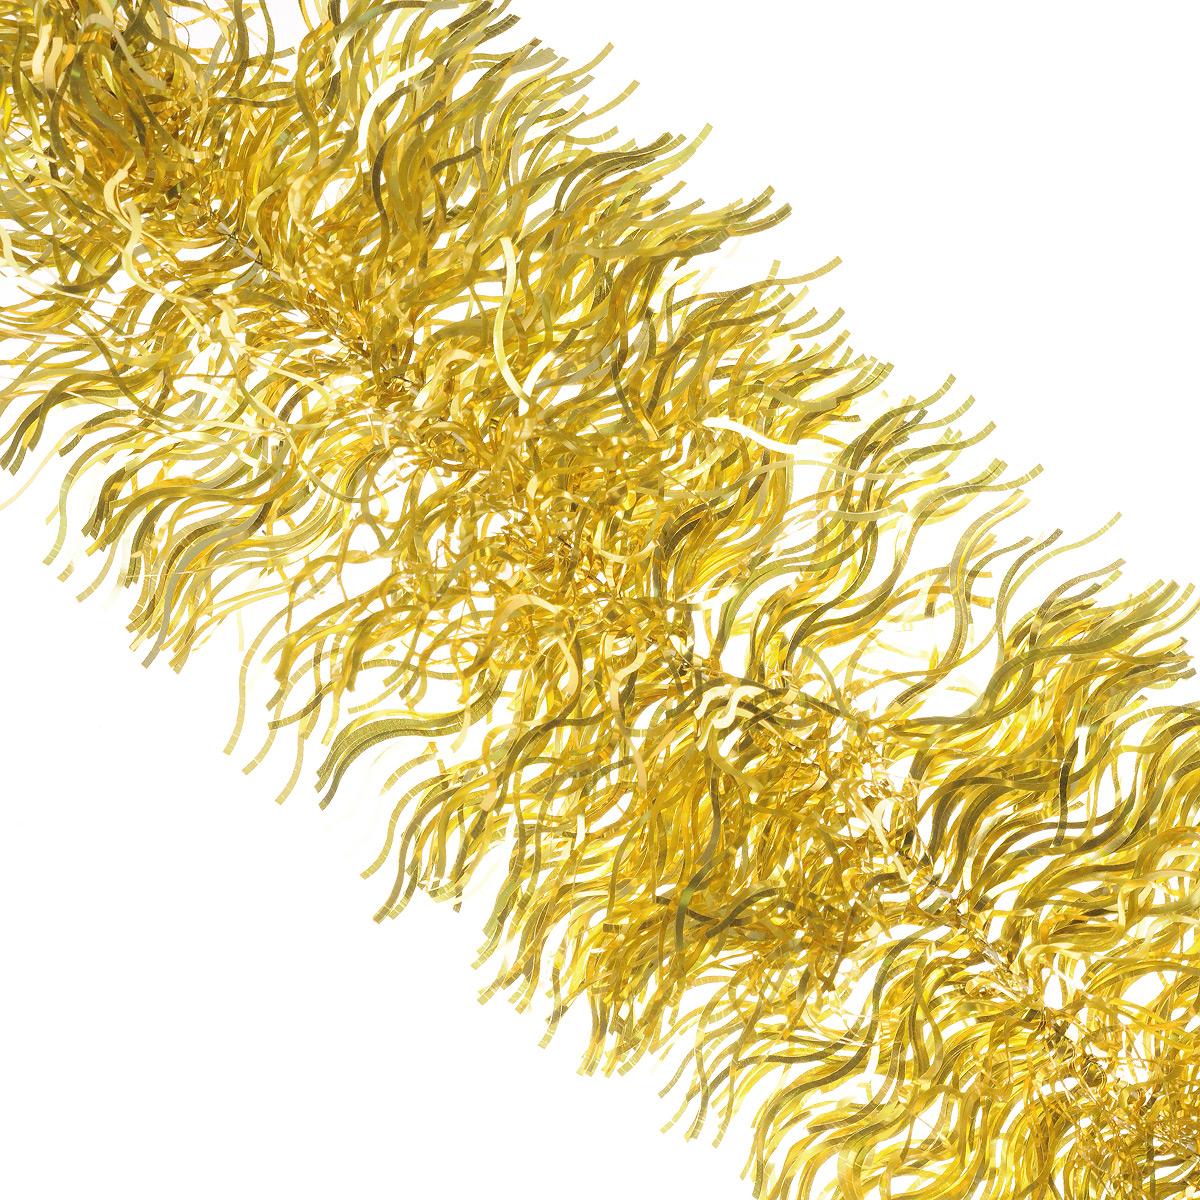 Мишура новогодняя Sima-land, цвет: золотистый, диаметр 20 см, длина 2 м. 702634702634Мишура новогодняя Sima-land, выполненная из фольги, поможет вам украсить свой дом к предстоящим праздникам. Мишура армирована, то есть имеет проволоку внутри и способна сохранять приданную ей форму. Новогодняя елка с таким украшением станет еще наряднее. Новогодней мишурой можно украсить все, что угодно - елку, квартиру, дачу, офис - как внутри, так и снаружи. Можно сложить новогодние поздравления, буквы и цифры, мишурой можно украсить и дополнить гирлянды, можно выделить дверные колонны, оплести дверные проемы. Коллекция декоративных украшений из серии Зимнее волшебство принесет в ваш дом ни с чем несравнимое ощущение праздника! Создайте в своем доме атмосферу тепла, веселья и радости, украшая его всей семьей.